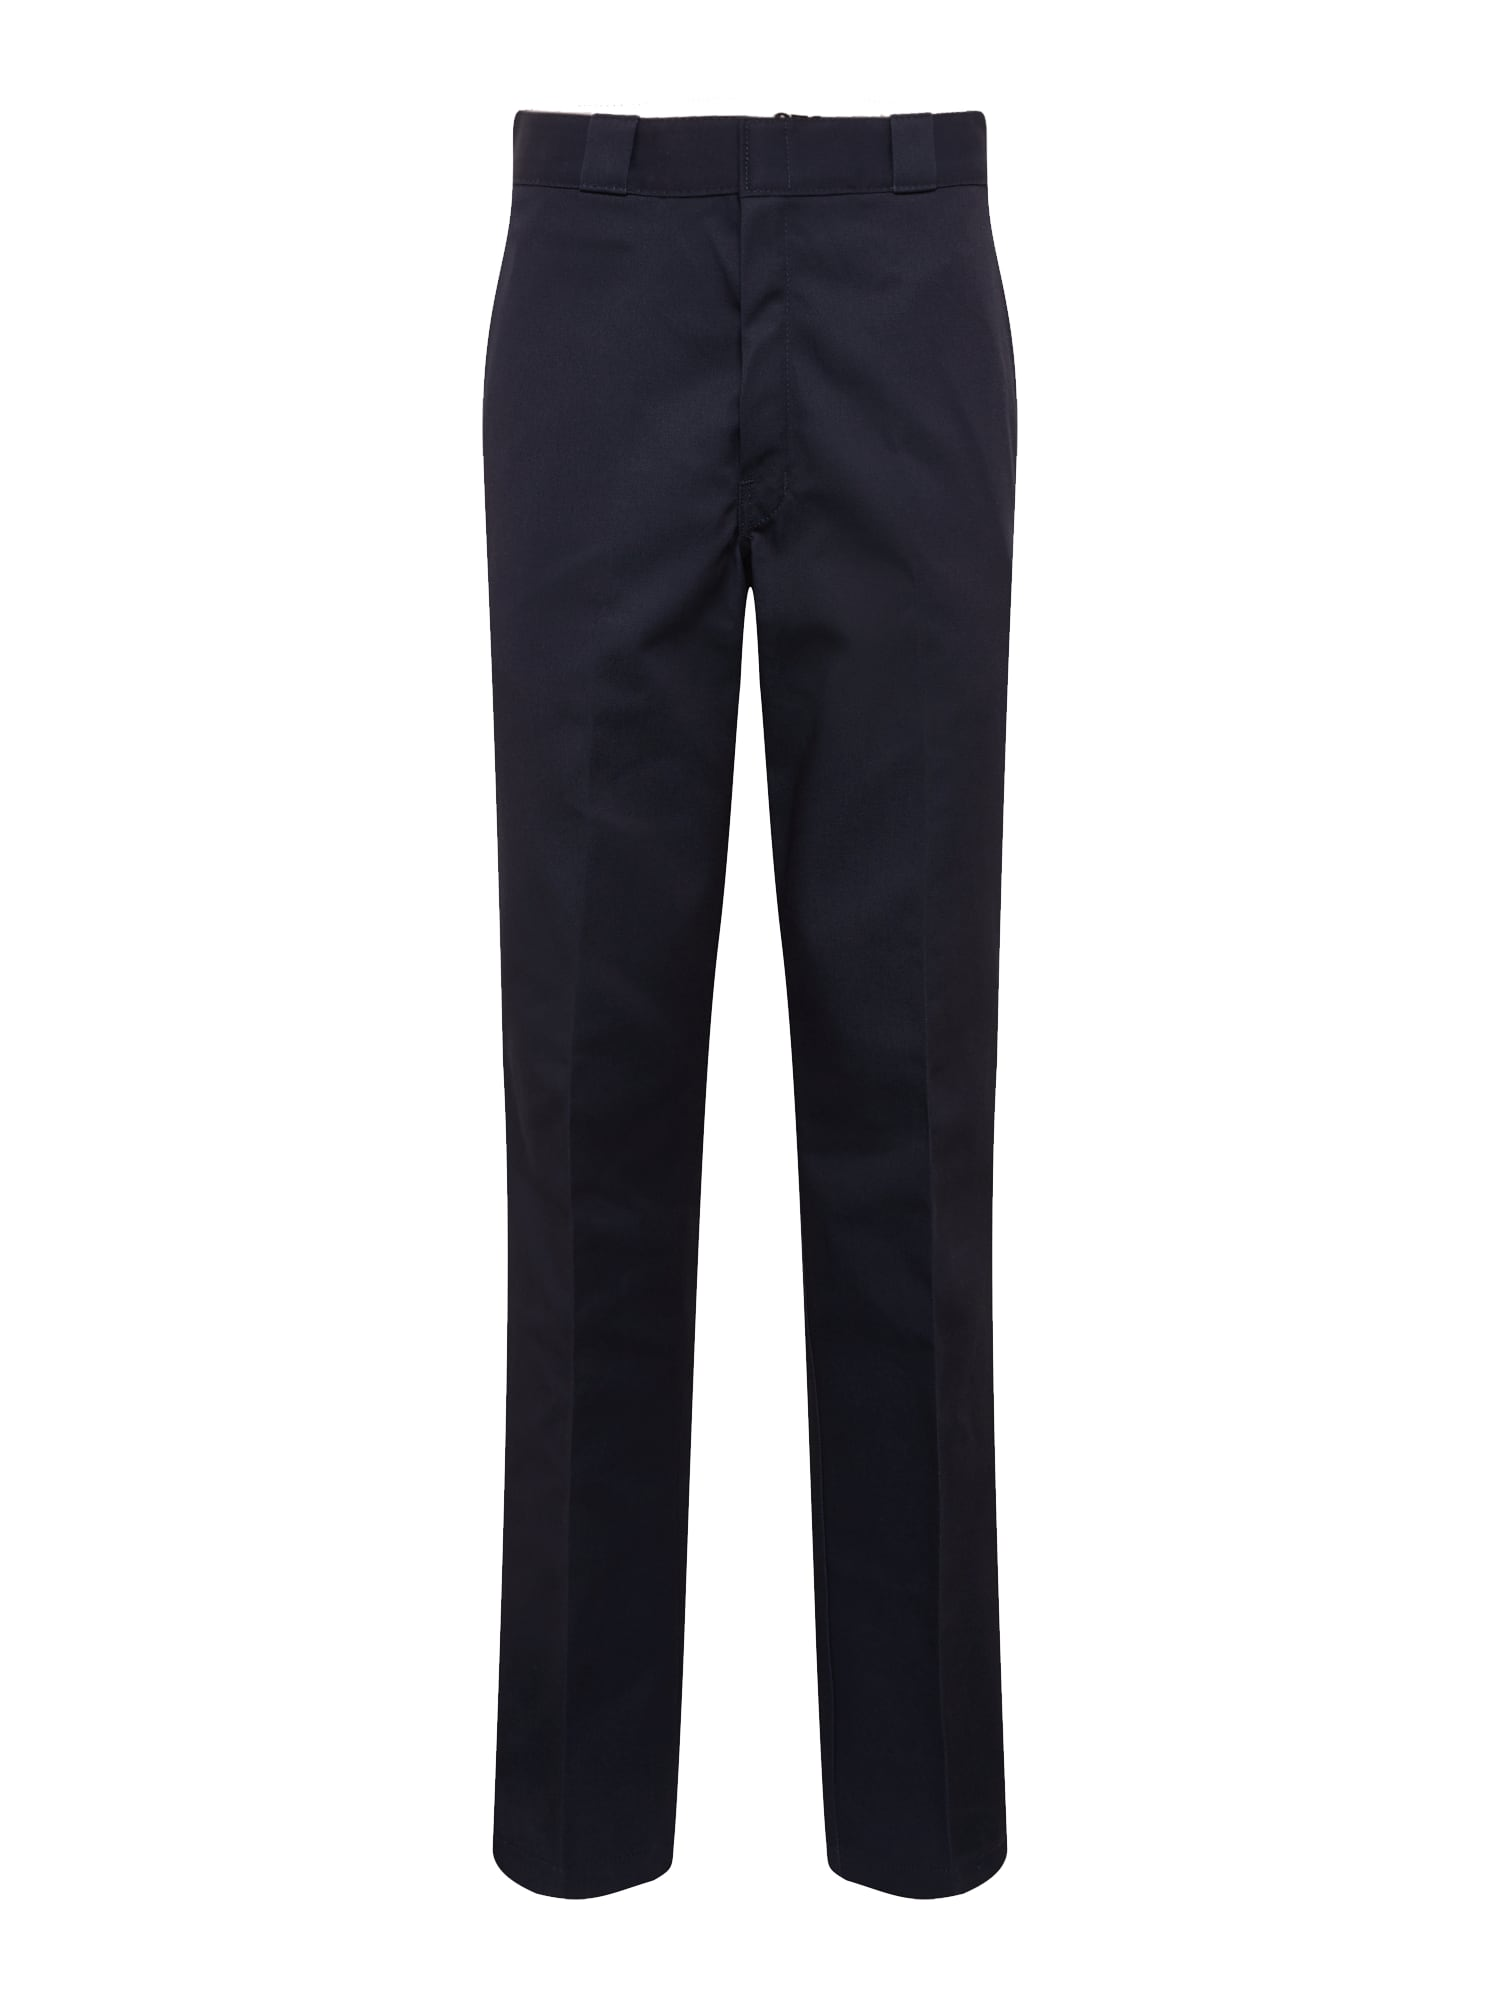 Kalhoty s puky 874 Work námořnická modř DICKIES